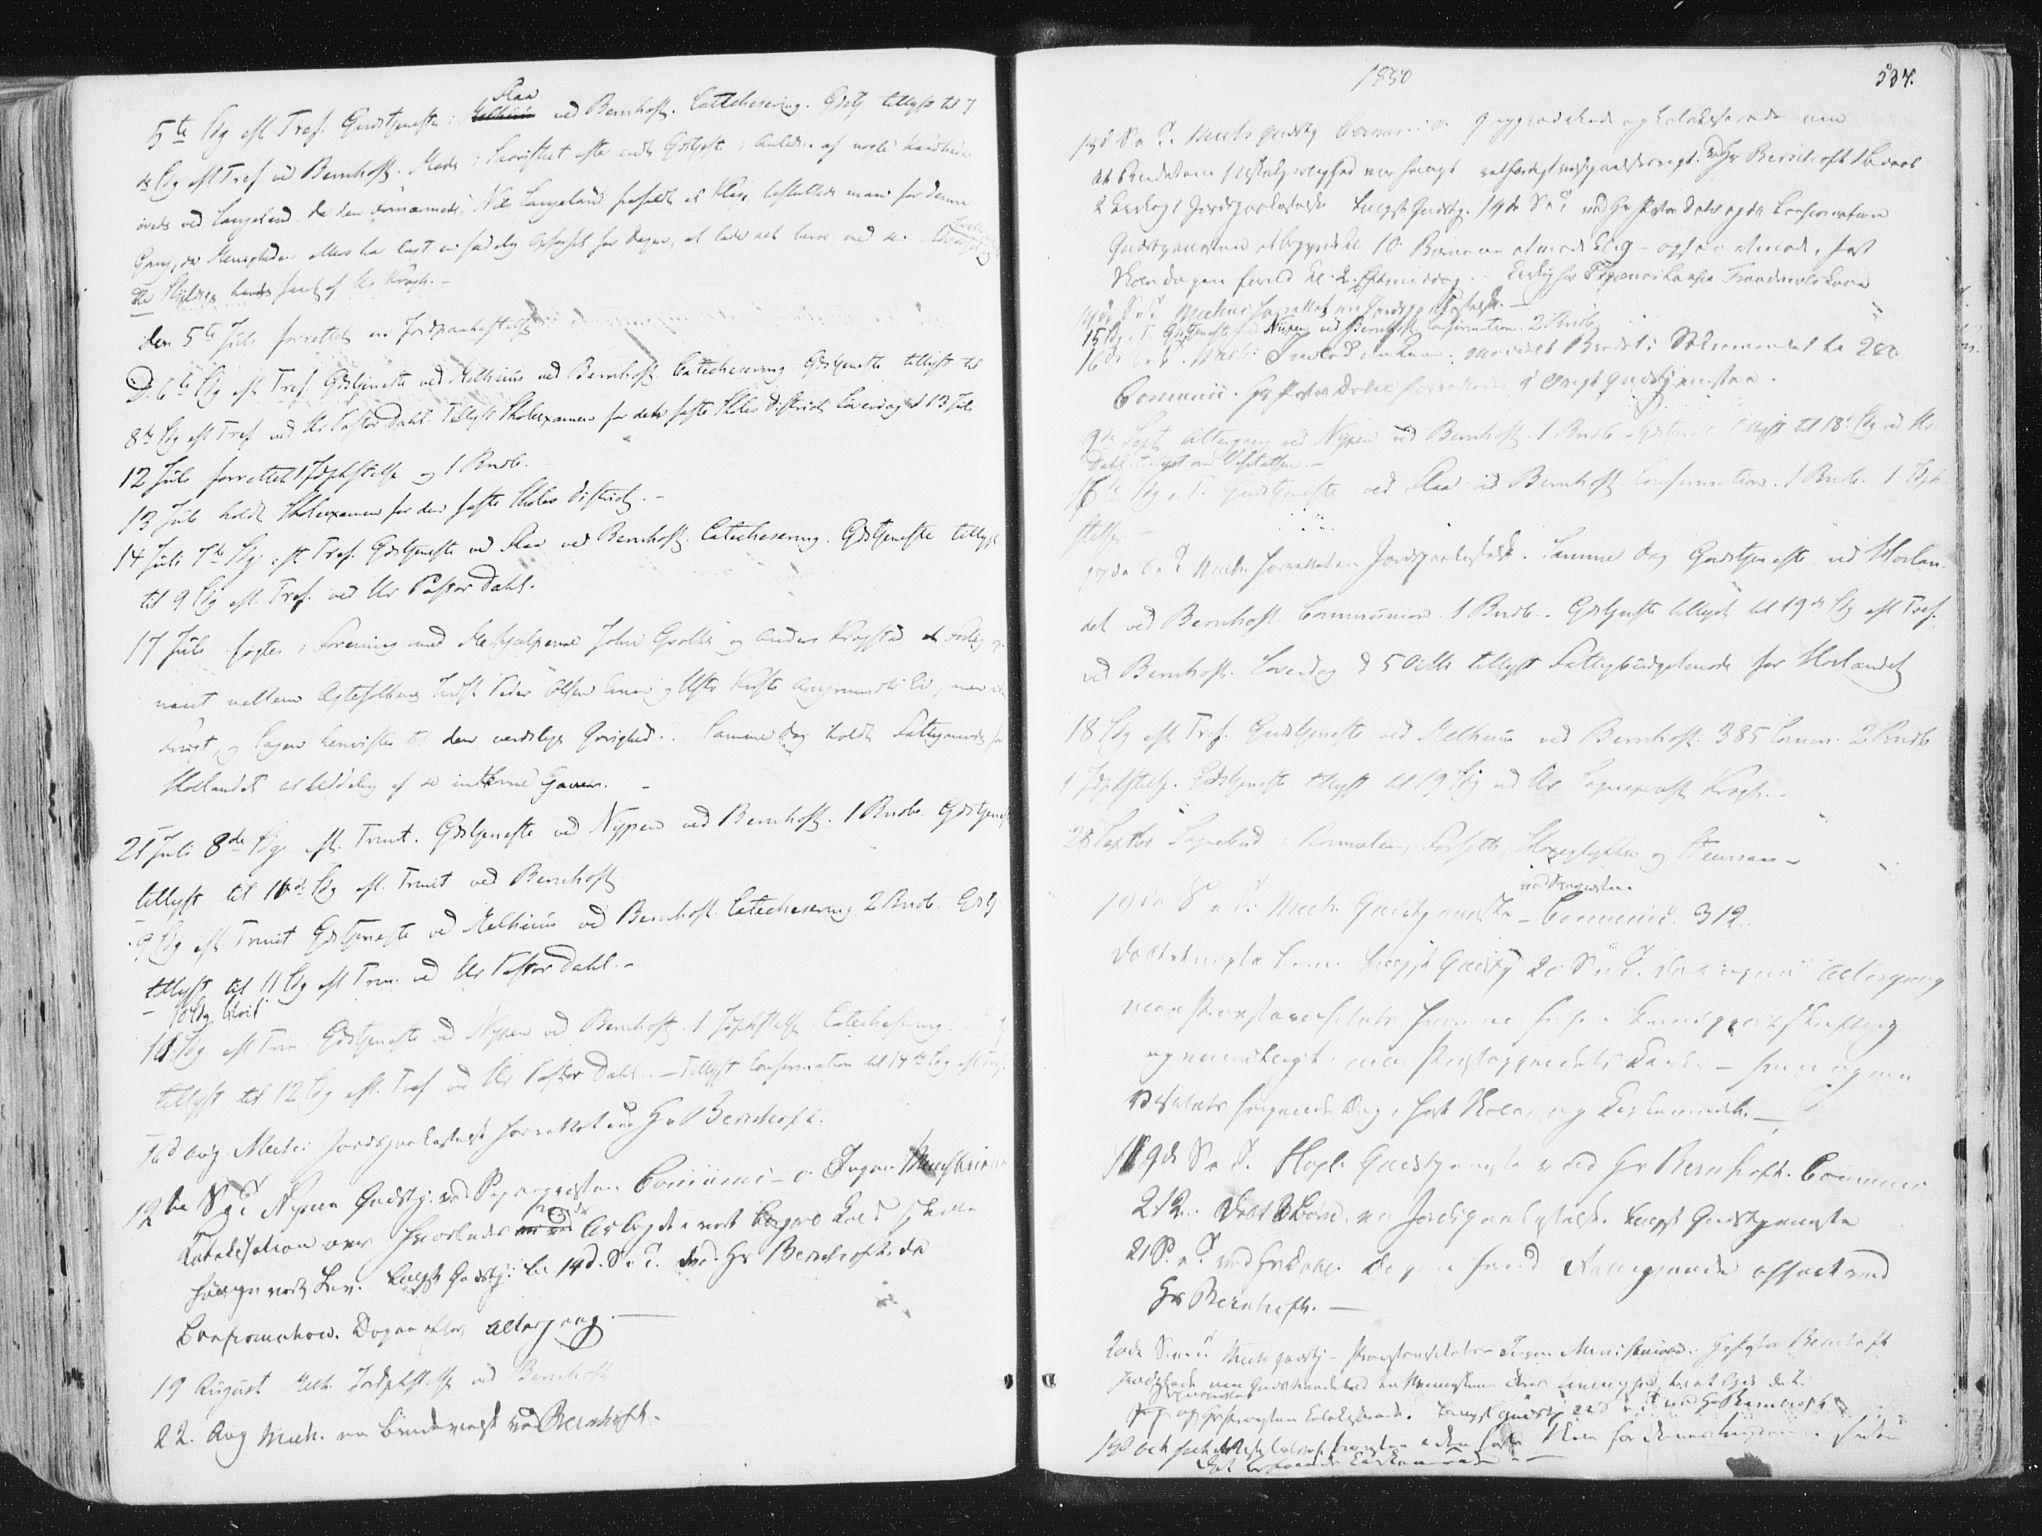 SAT, Ministerialprotokoller, klokkerbøker og fødselsregistre - Sør-Trøndelag, 691/L1074: Ministerialbok nr. 691A06, 1842-1852, s. 537